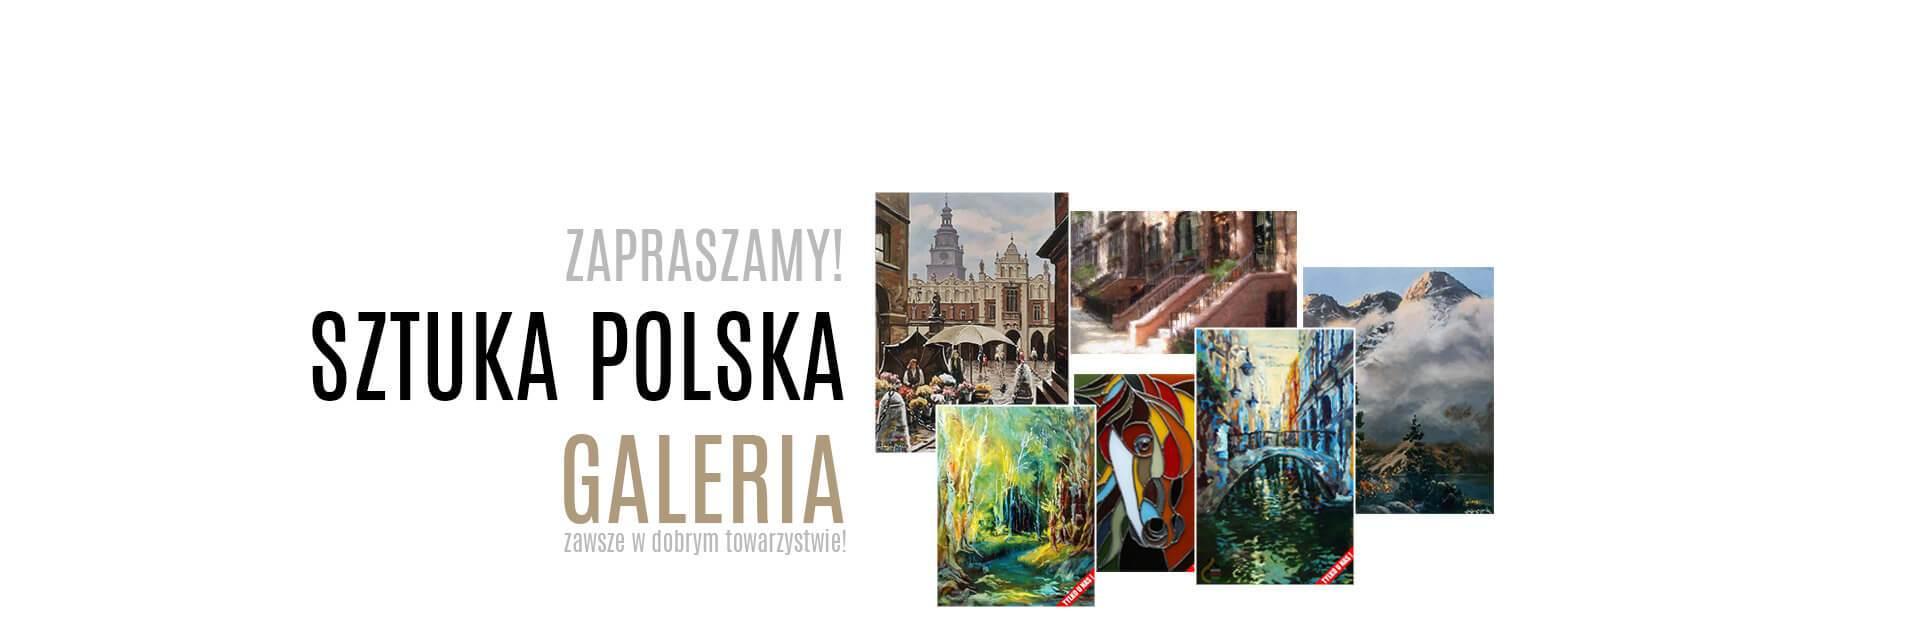 Sztuka Polska - Galeria